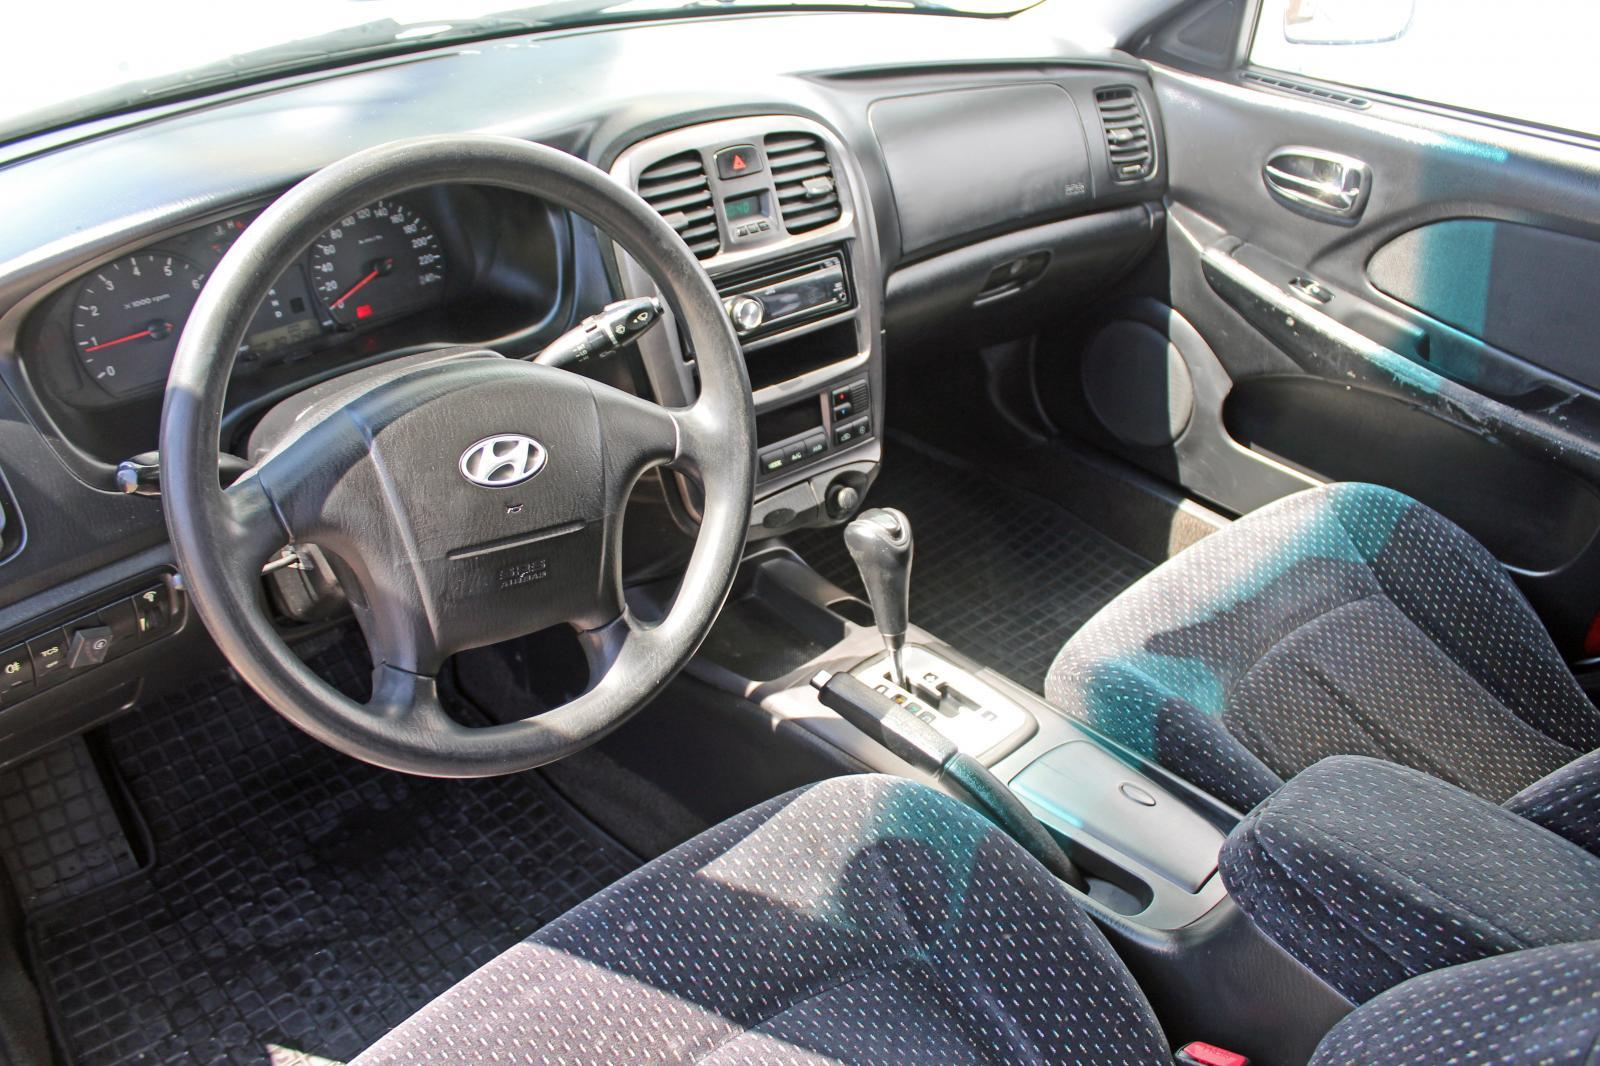 Hyundai Sonata, IV (EF) Рестайлинг 2008г.